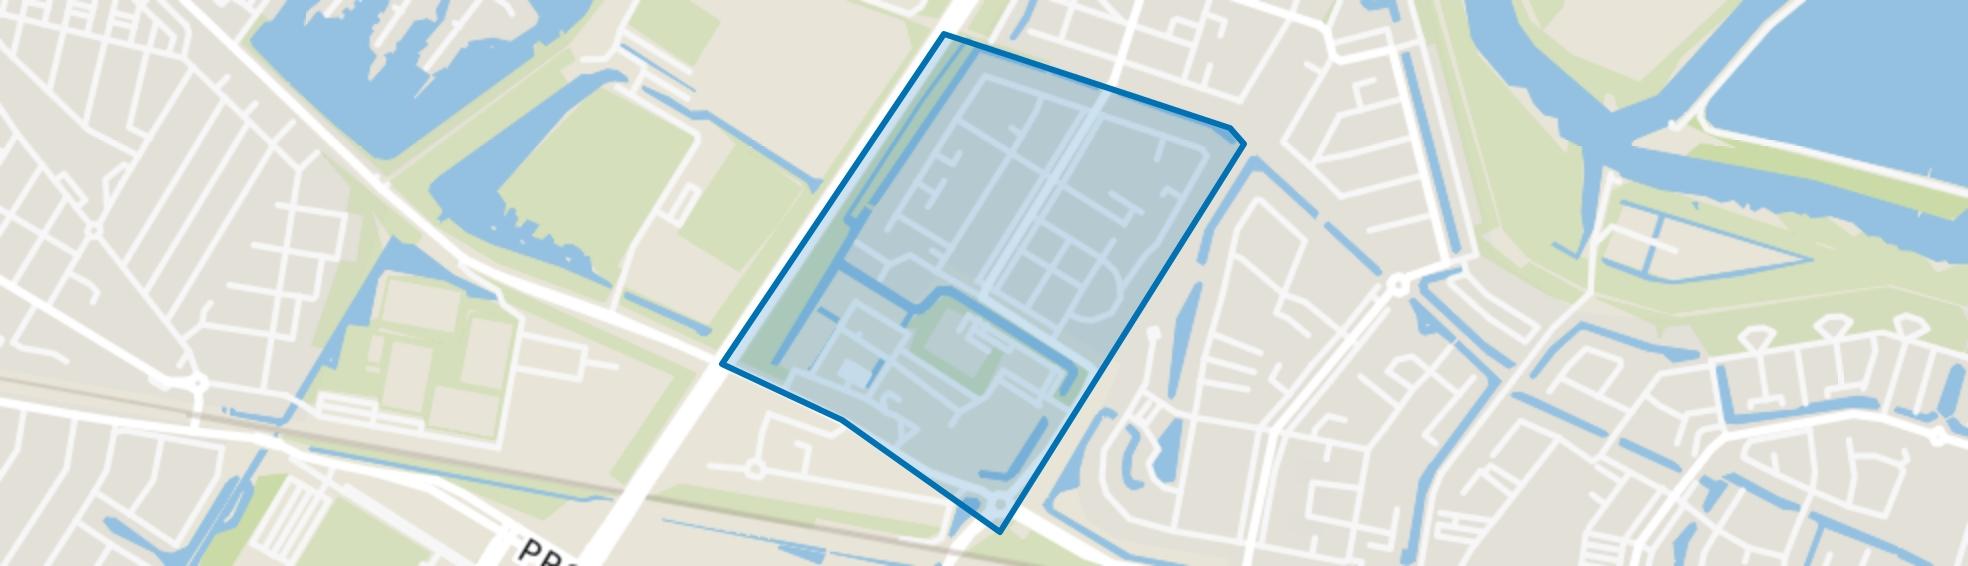 Amazone en omgeving, Dordrecht map